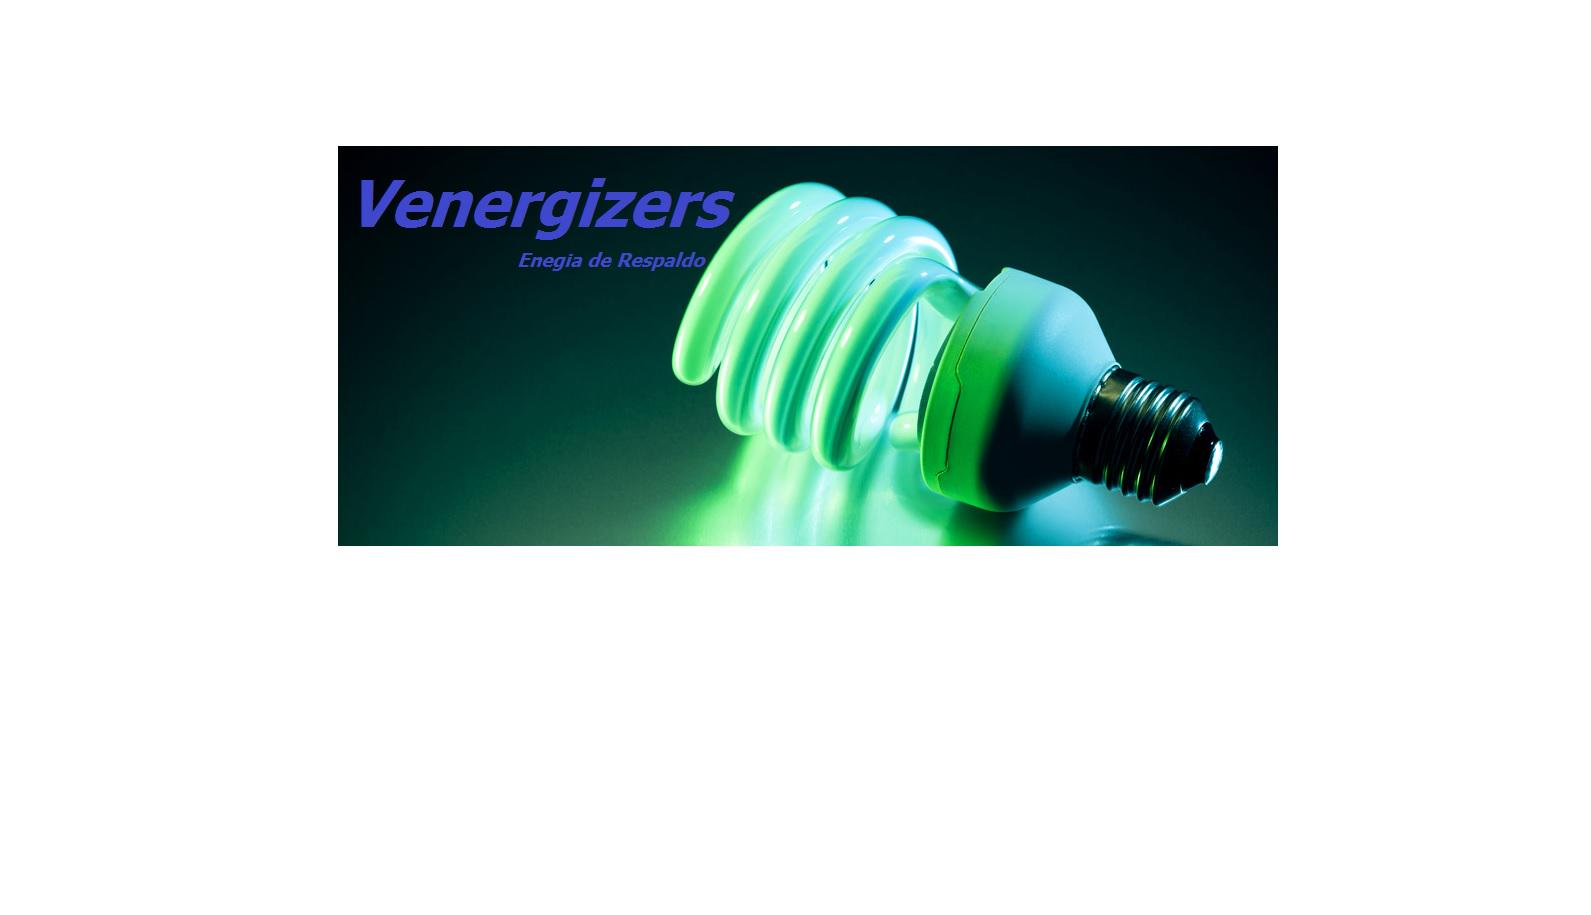 Somos Energía de Respaldo http://t.co/VdSs51lC8o